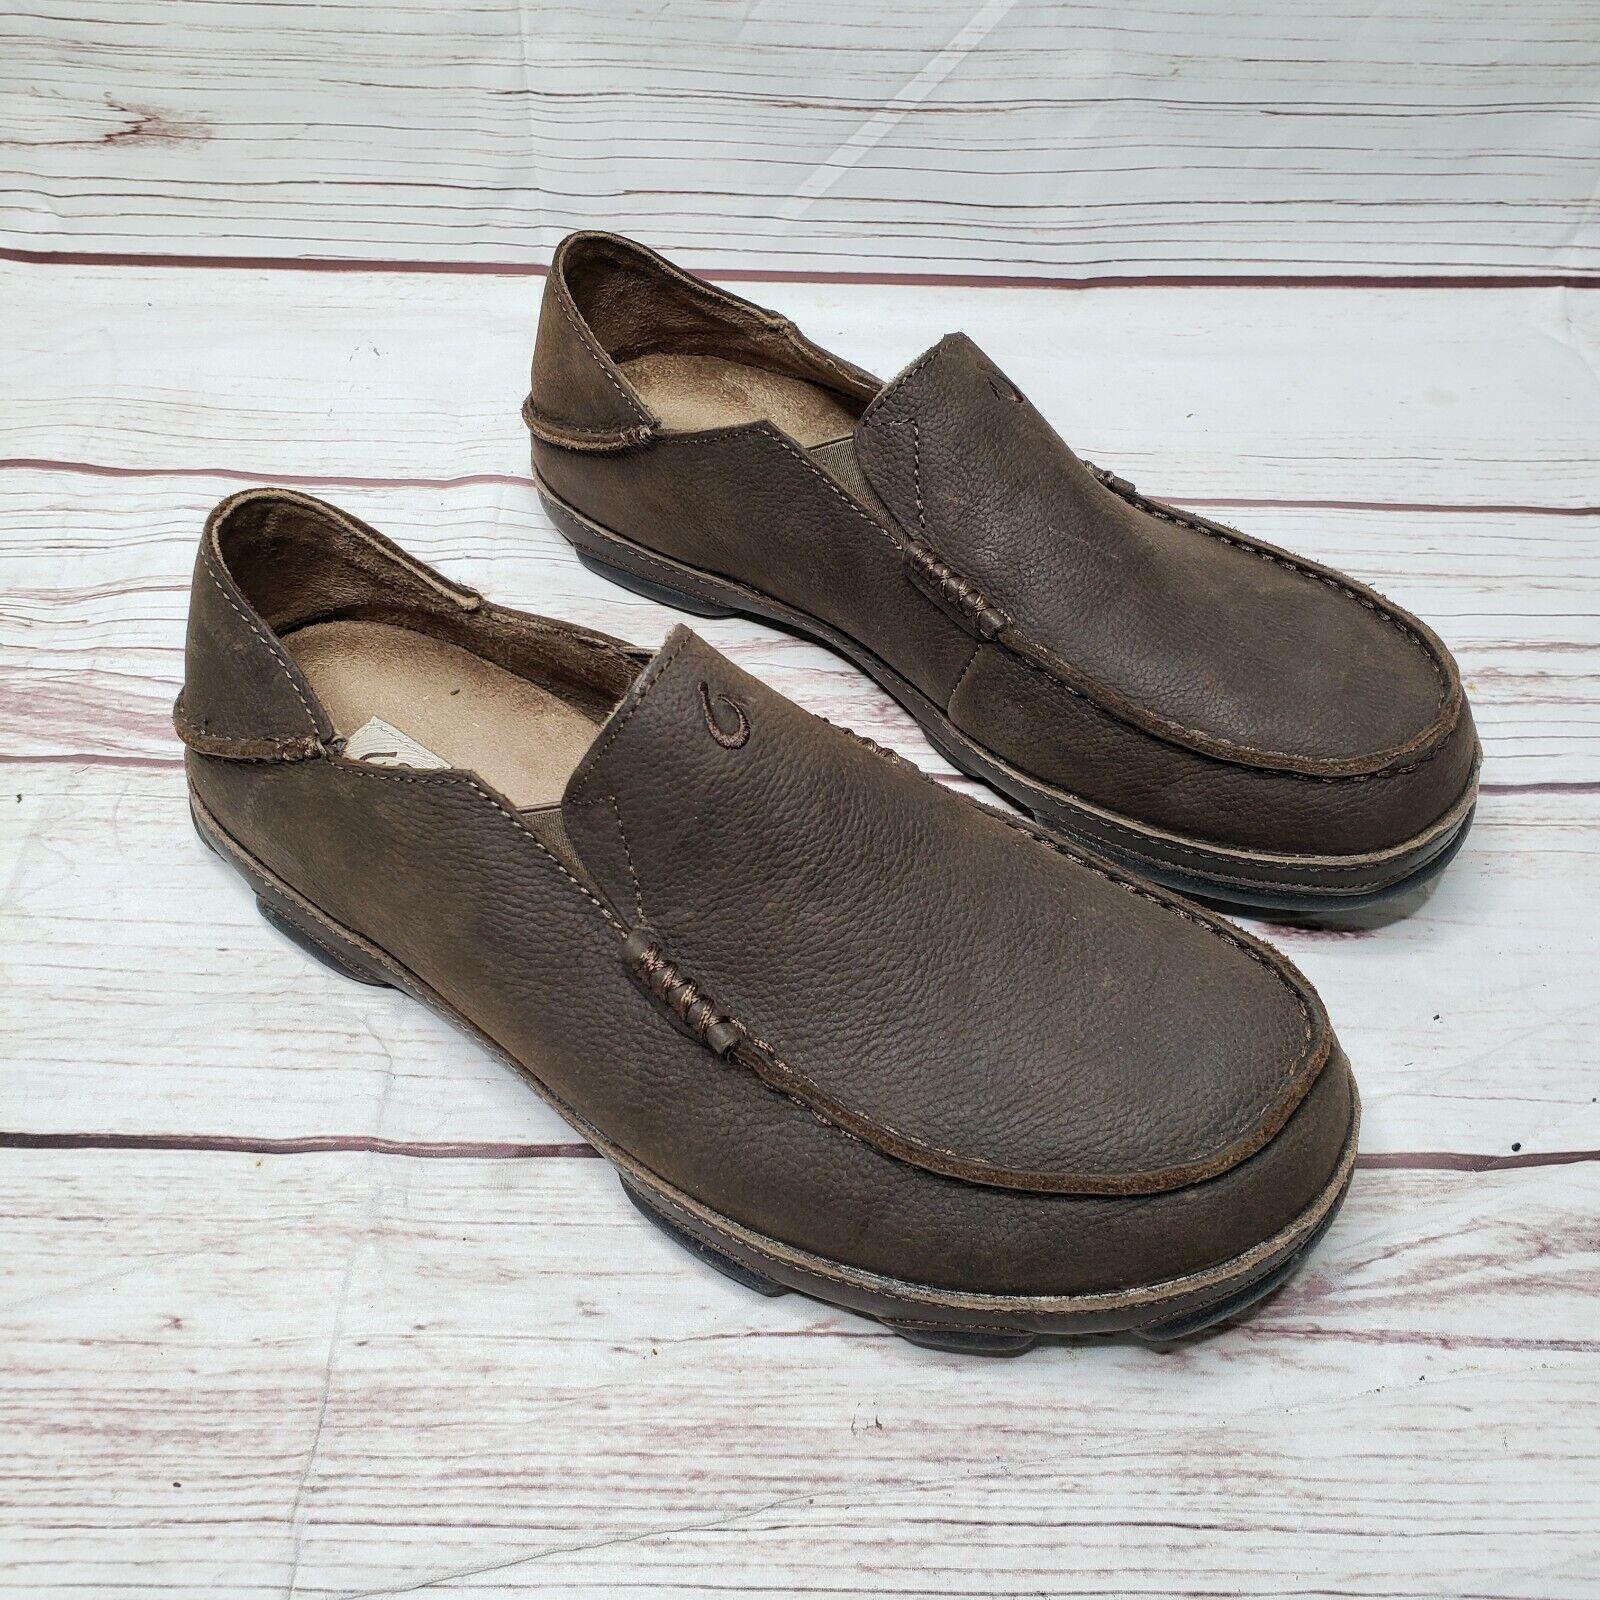 OLUKAI MOLOA homme en cuir marron mocassin conduite en marchant Décontracté Chaussures Taille 10.5